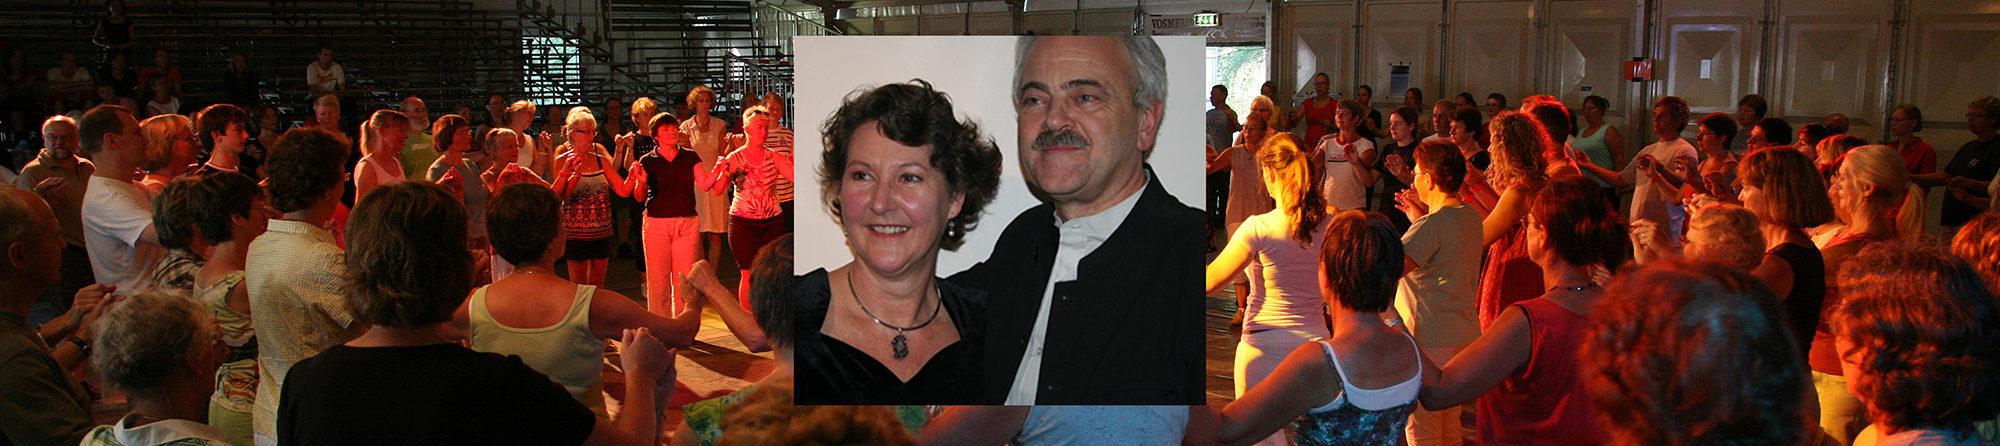 Tineke van Geel & Maurits van Geel